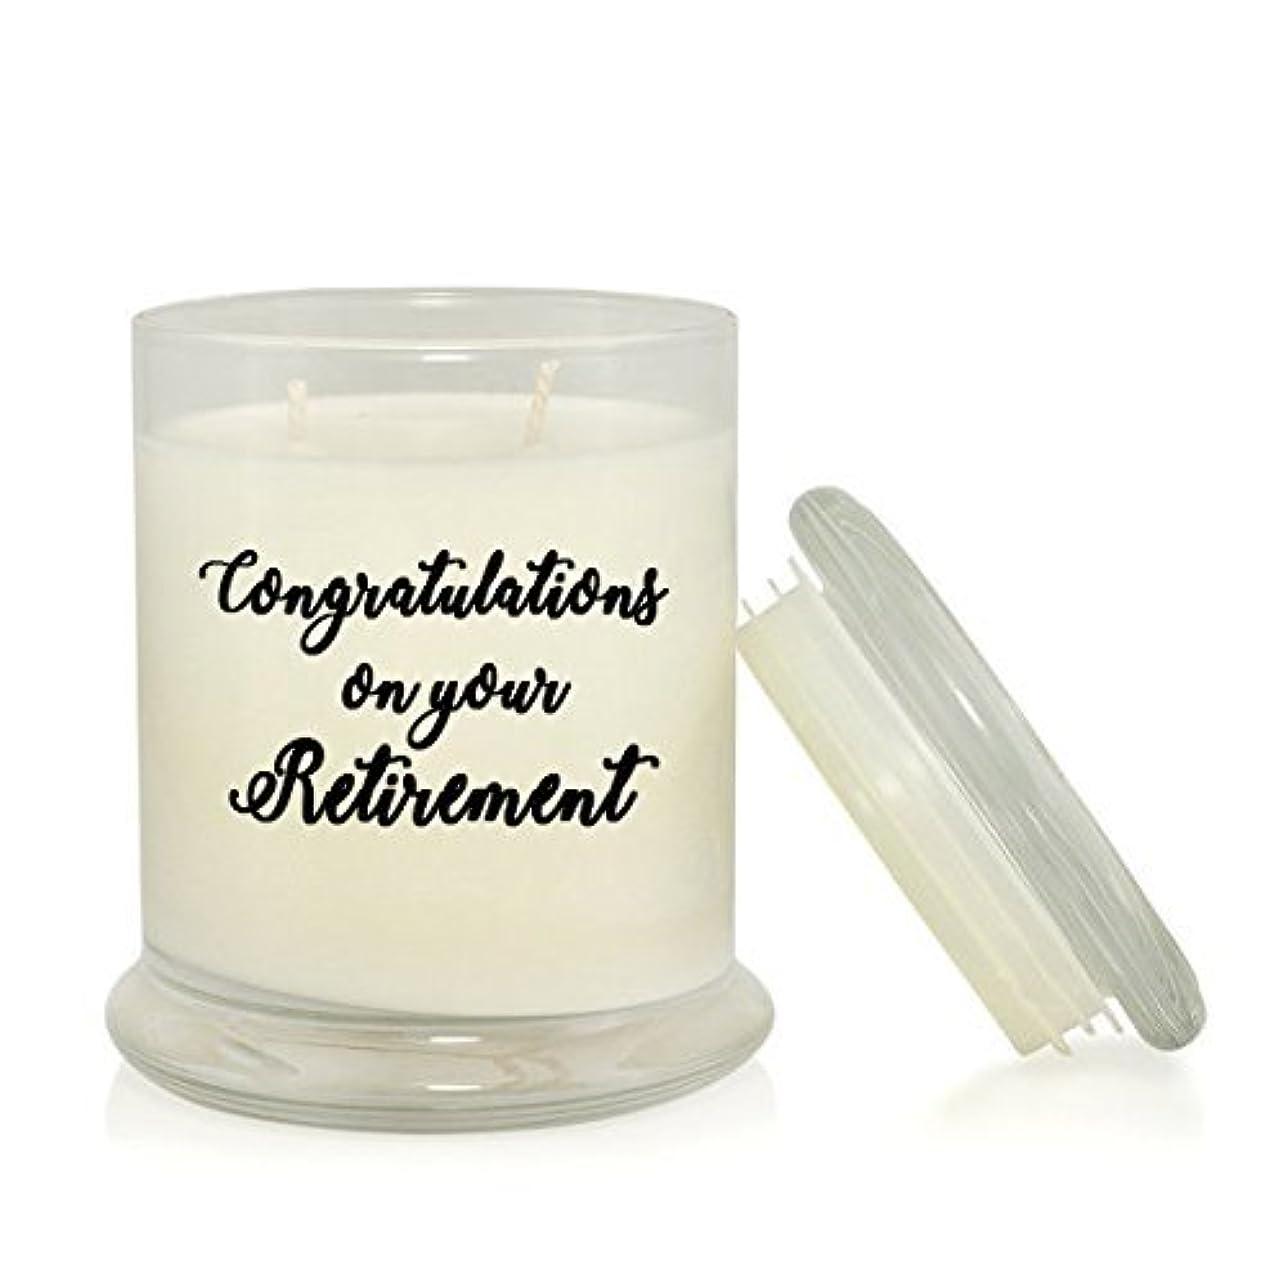 料理をする拳地域のCongratulations on Your Retirement 8.5 oz Soy Candle - Retirement Gift - Very Vanilla Scented [並行輸入品]